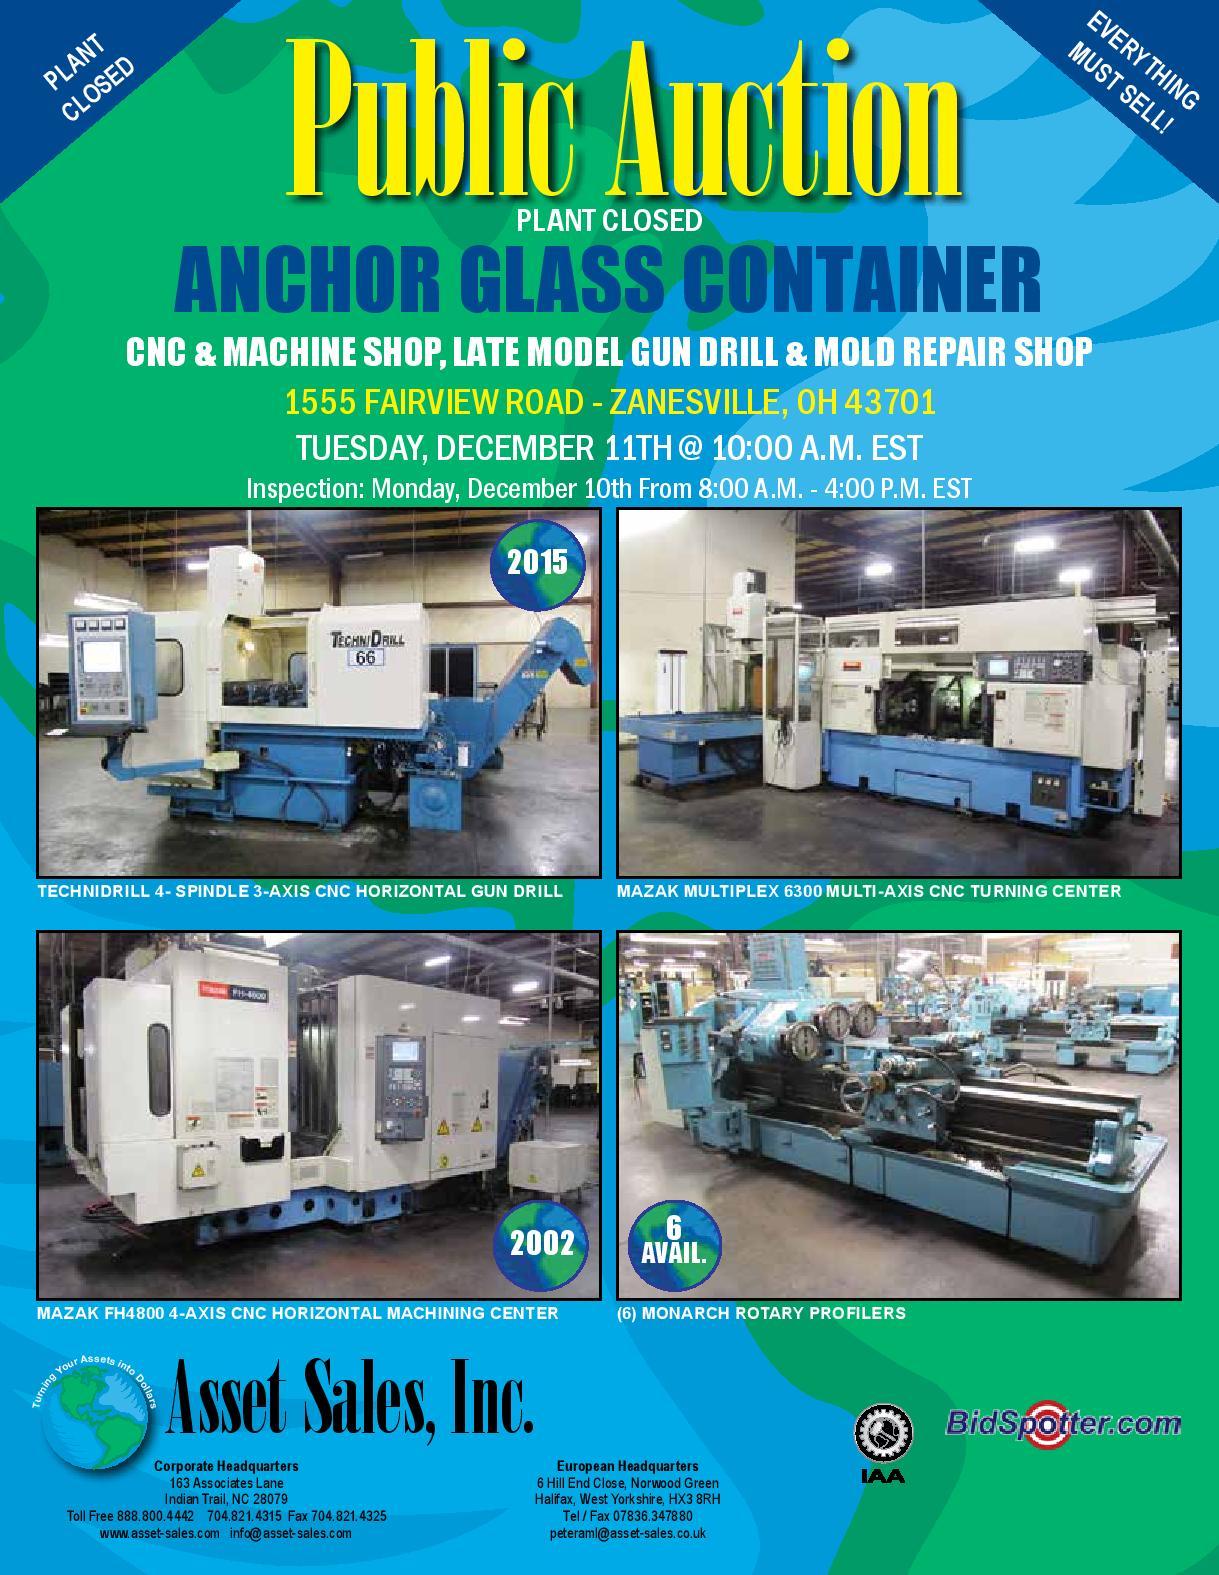 ANCHOR GLASS CONTAINER CNC & Machine Shop, Late Model Gun Drill, Mold Repair Shop